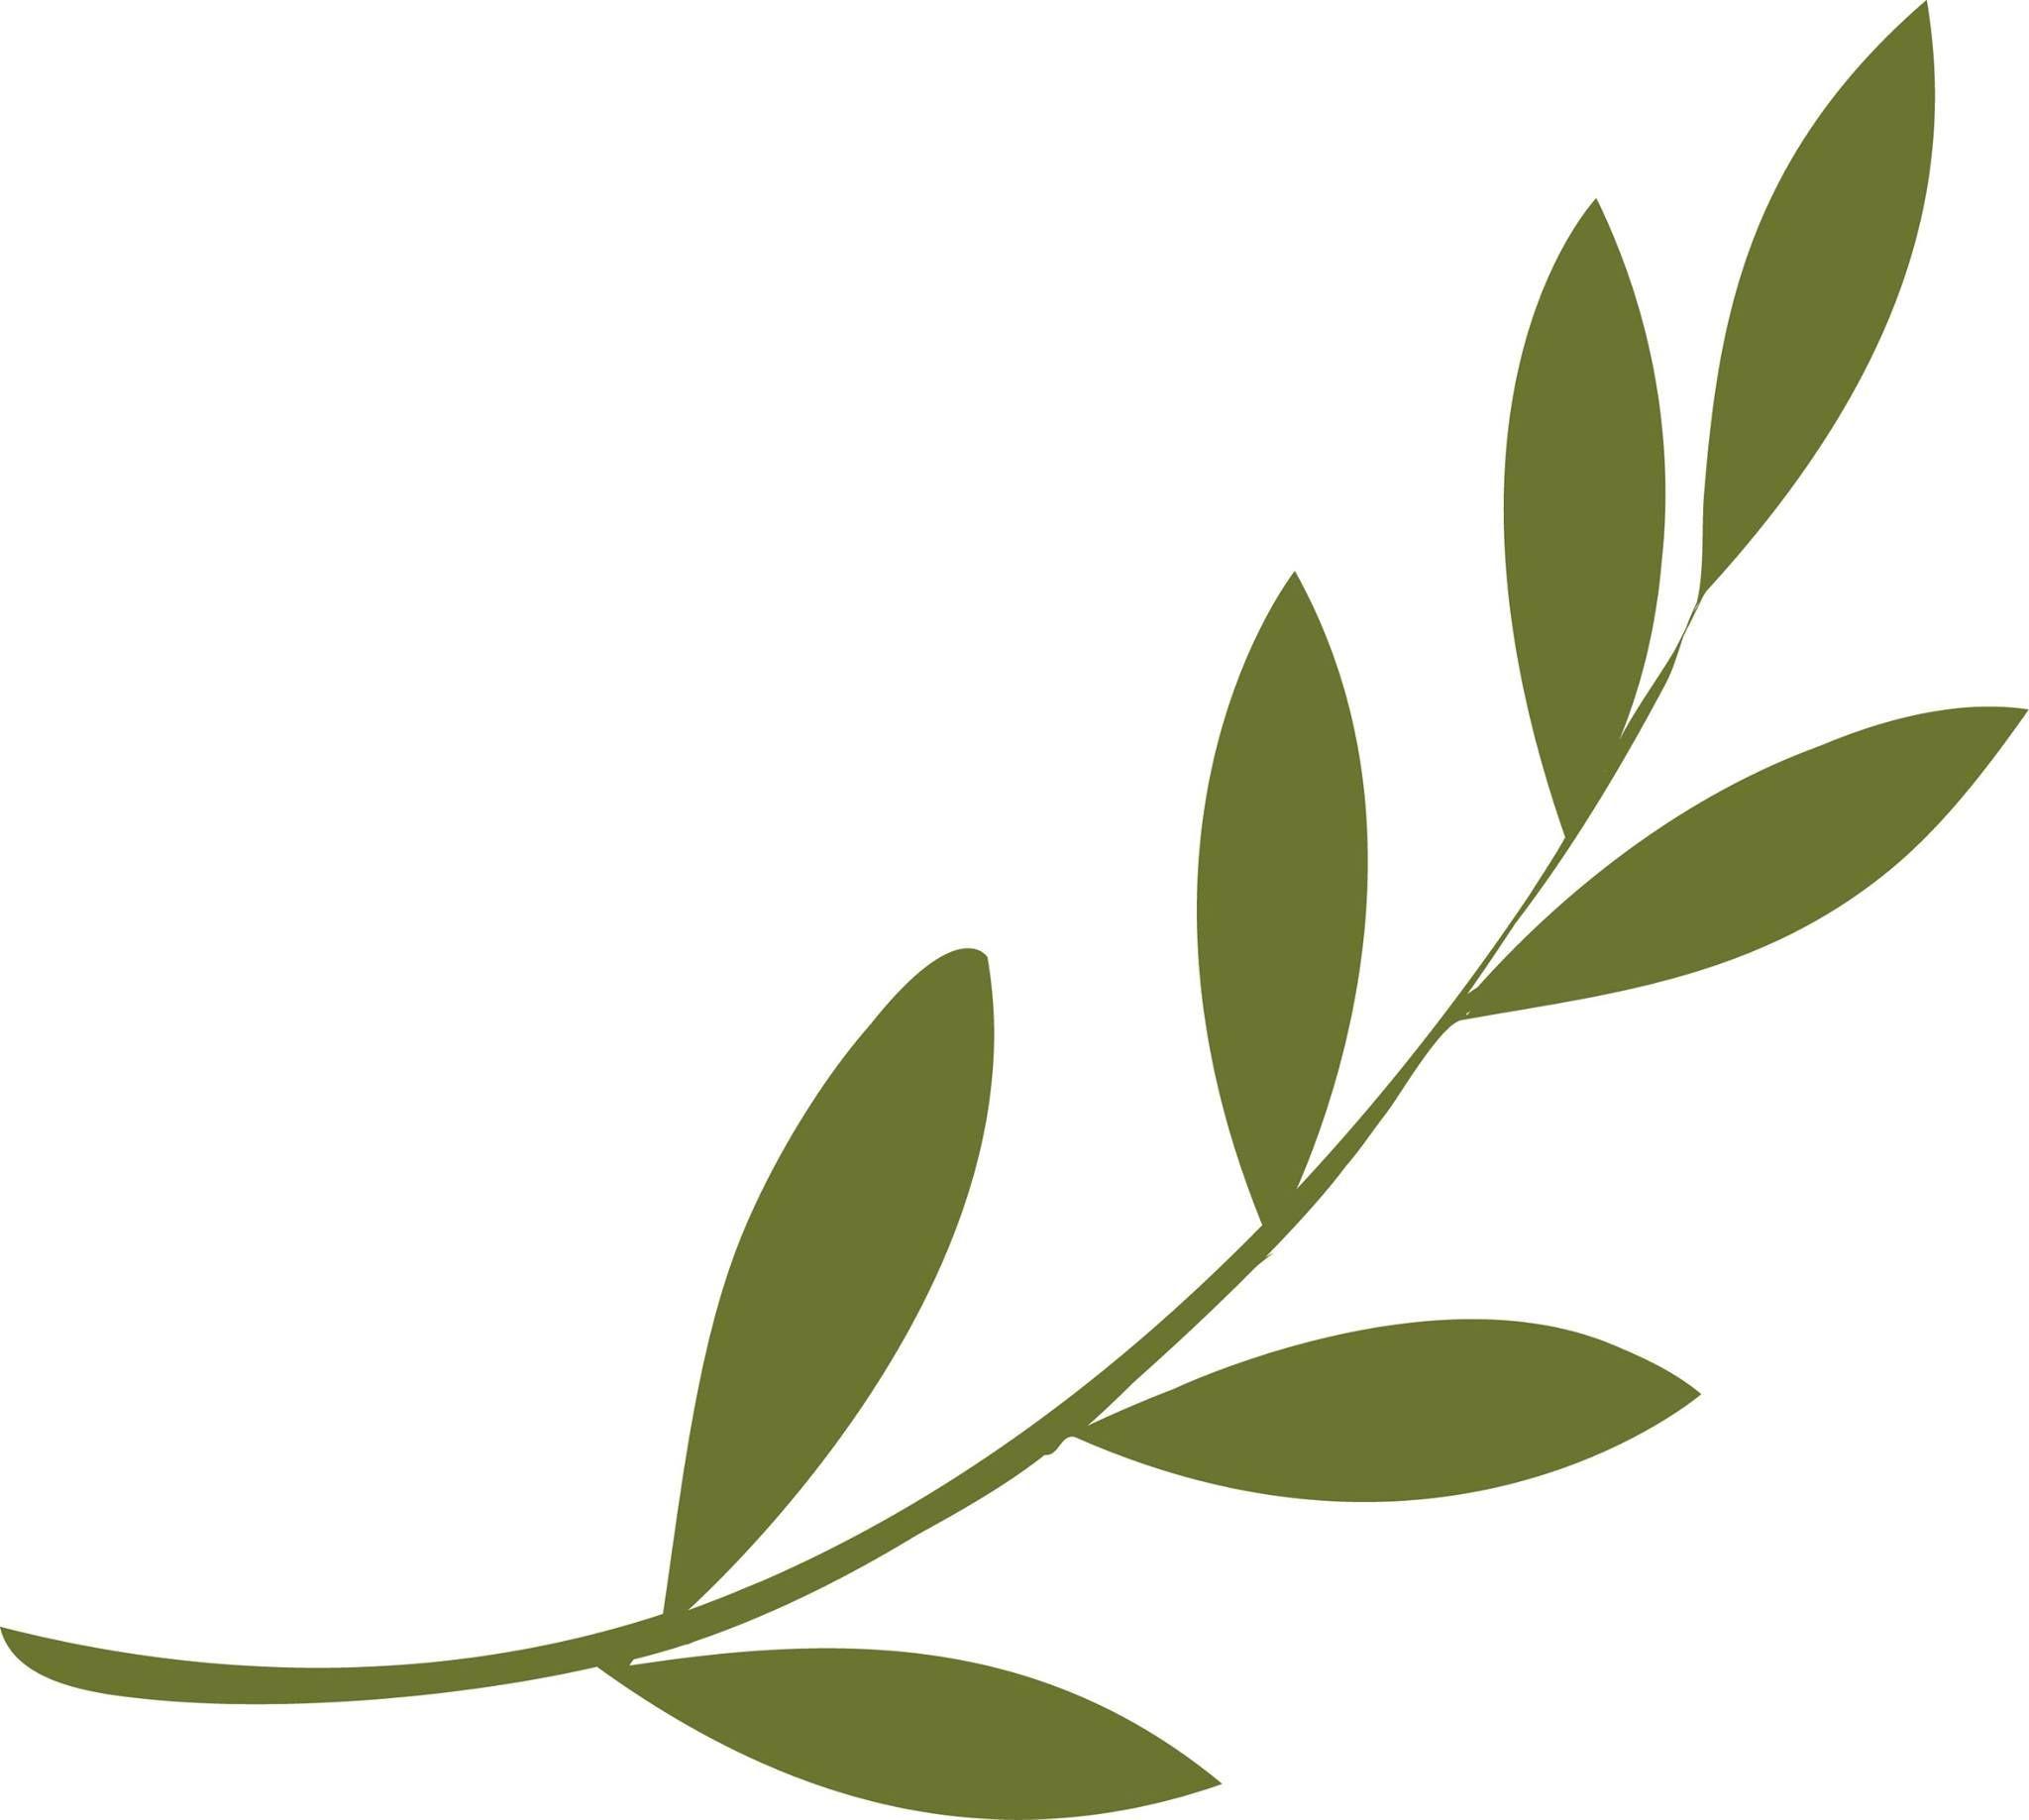 2048x1837 Olive Branch Popular Leaf Shapes In Design Craft